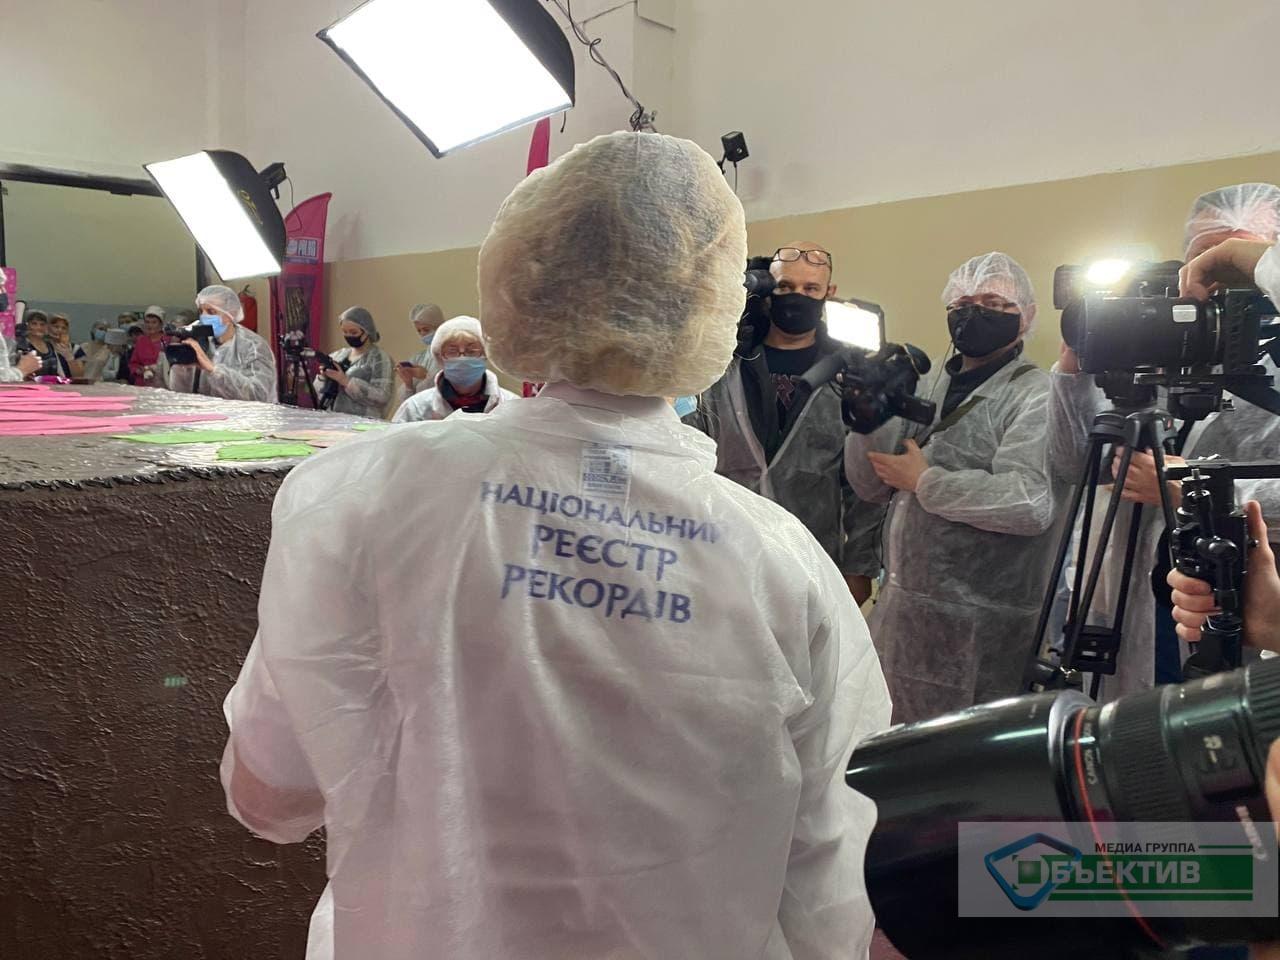 Самый тяжелый в мире шоколадный вафельный батончик сделали в Харькове (фото)